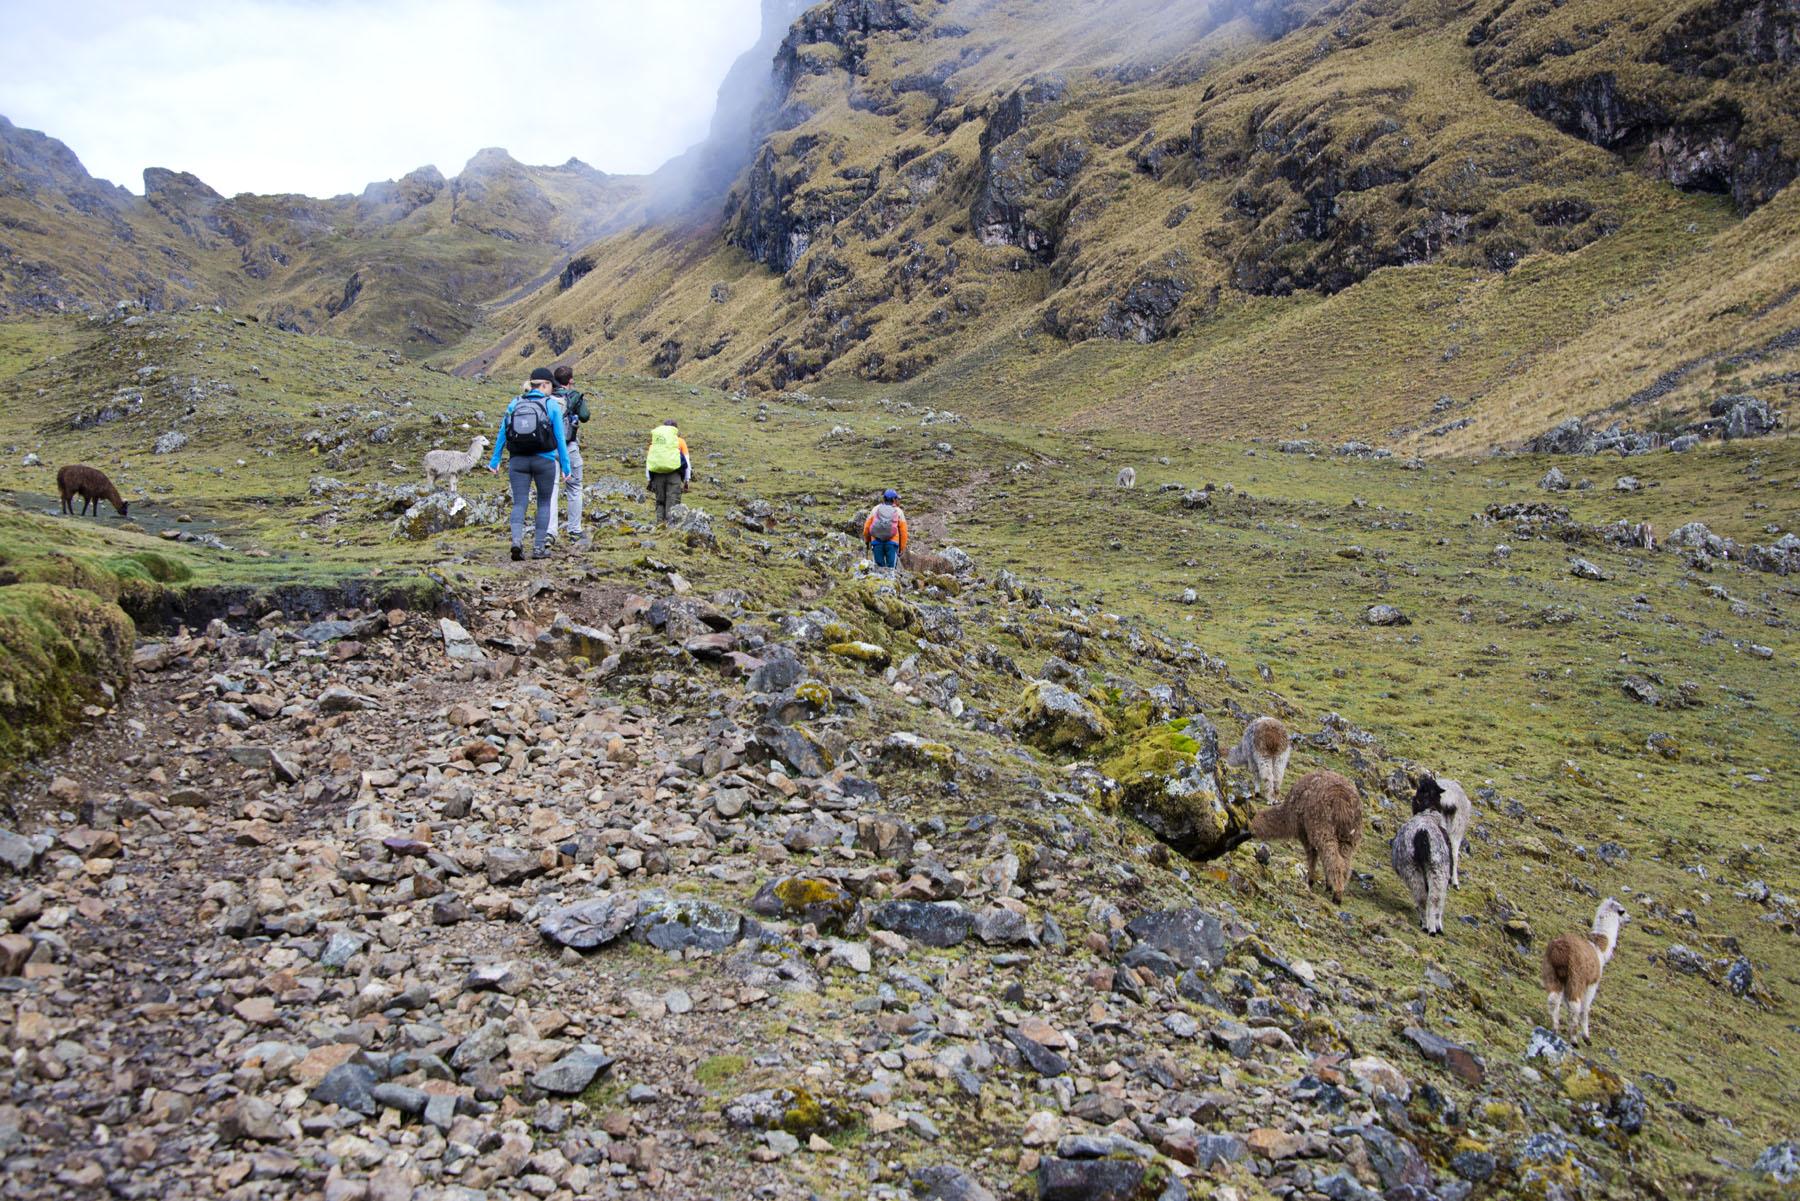 181-Peru-5-15_web_web.jpg